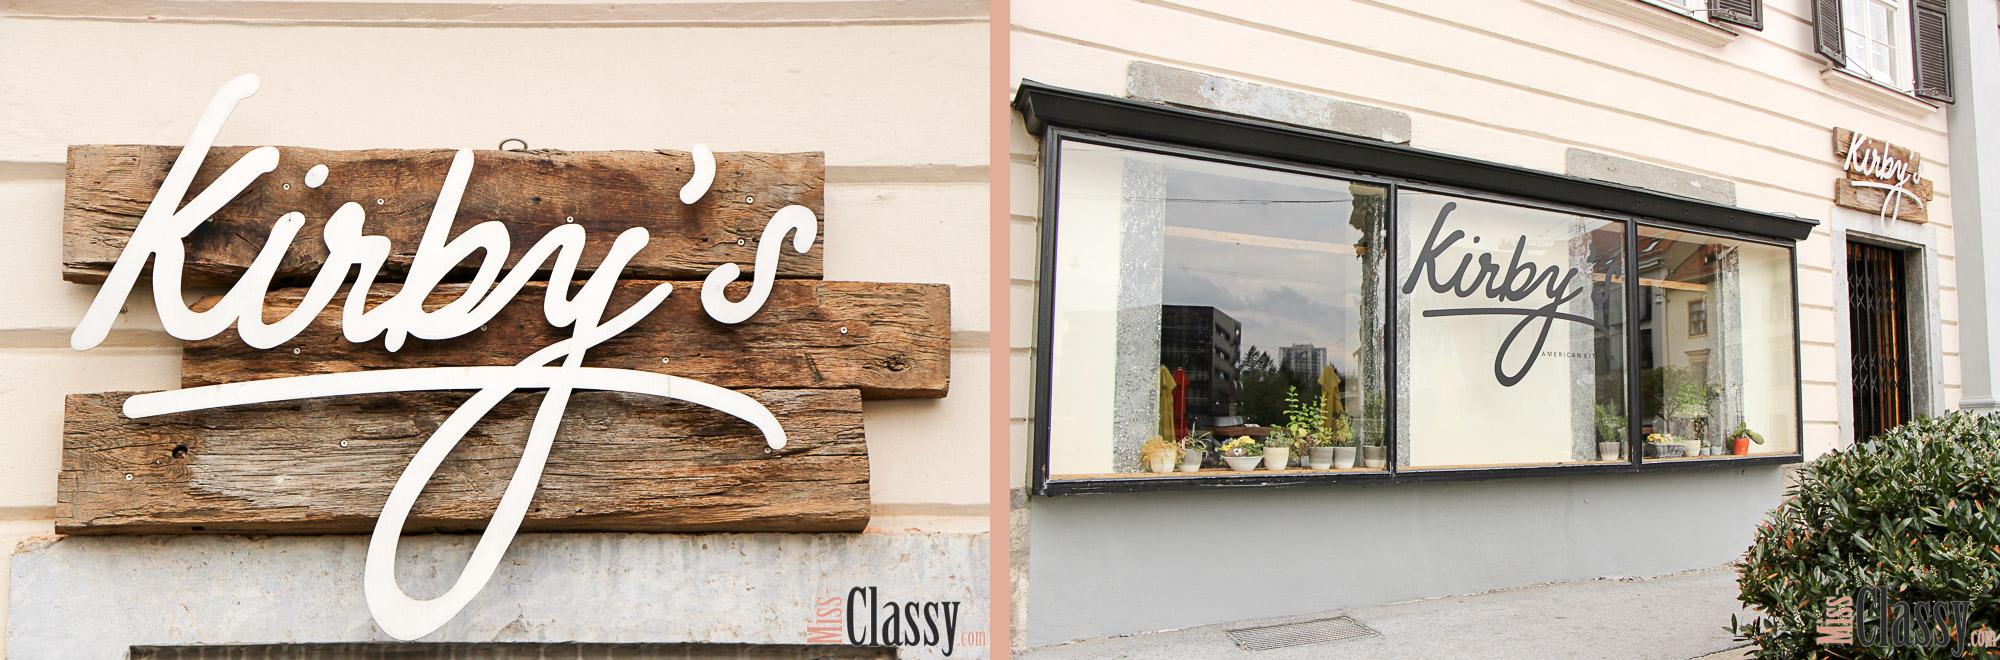 LIFESTYLE Miss Classy's Lieblingslokale in Graz und Umgebung, Miss Classy, Lifestyle Blog, Graz, Steiermark, Österreich, gute Restaurants, Essen gehen in Graz, Kirby's, Steak Boutique, Burger, Best Burger in Town